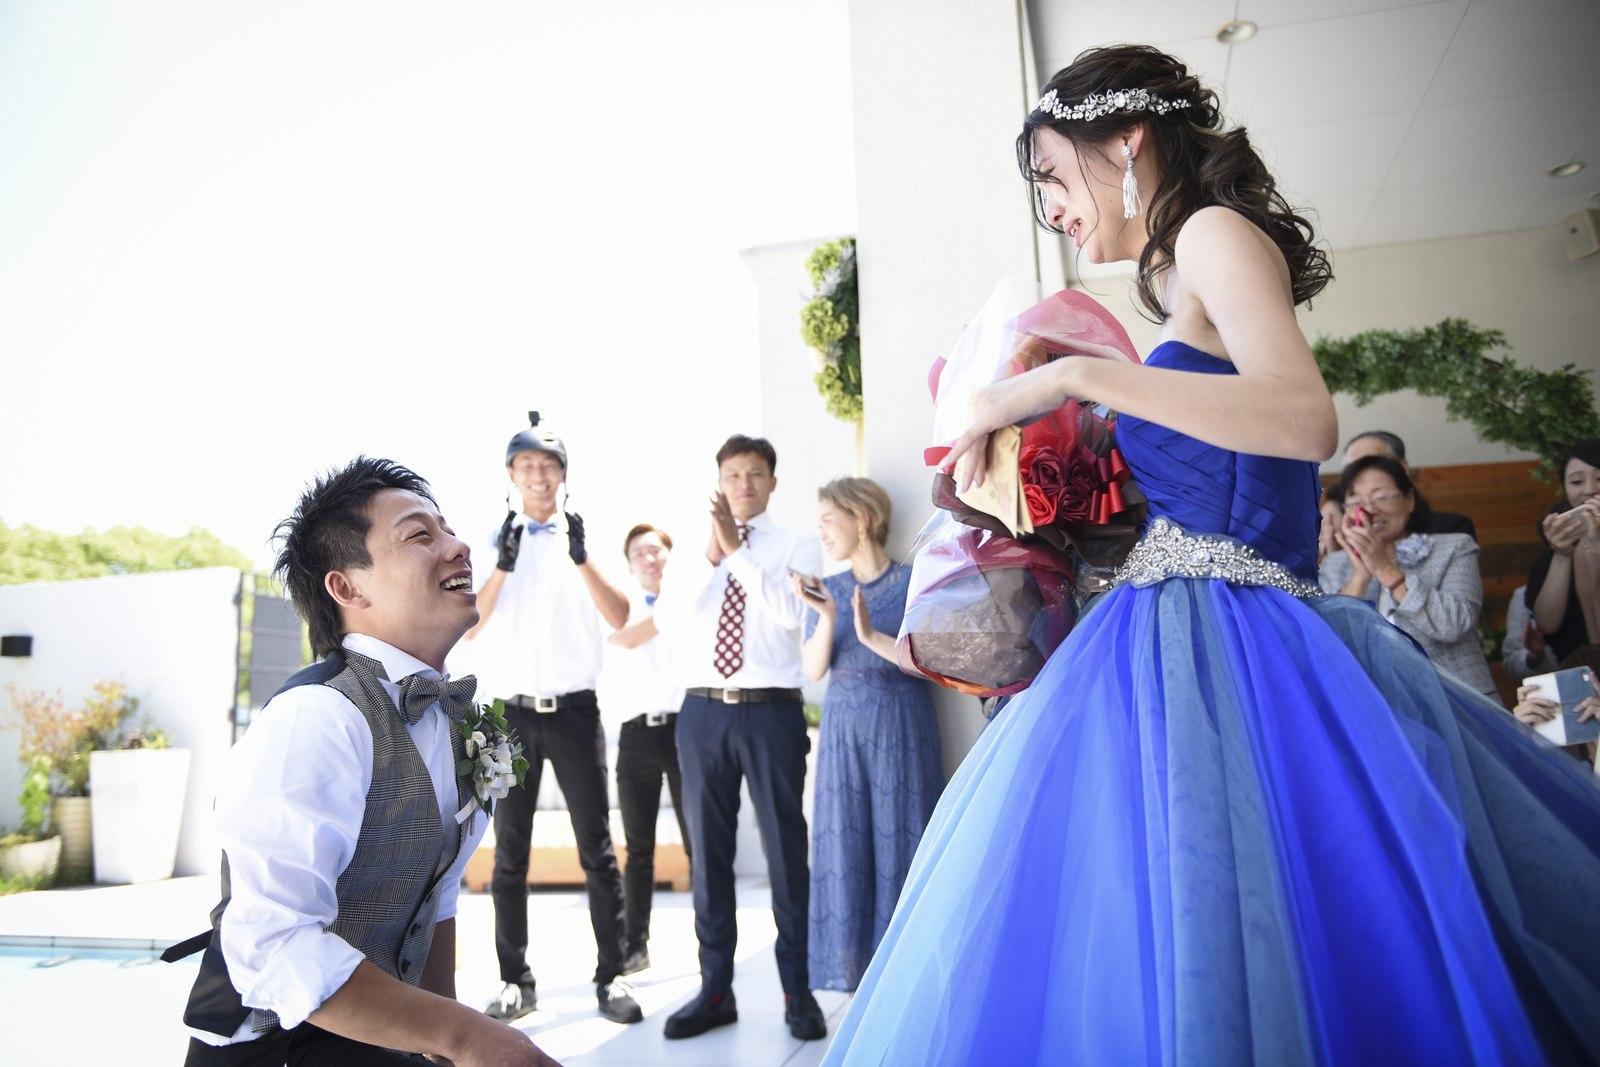 香川県の結婚式場アイスタイルでサプライズの手紙と花束を新婦にプレゼント